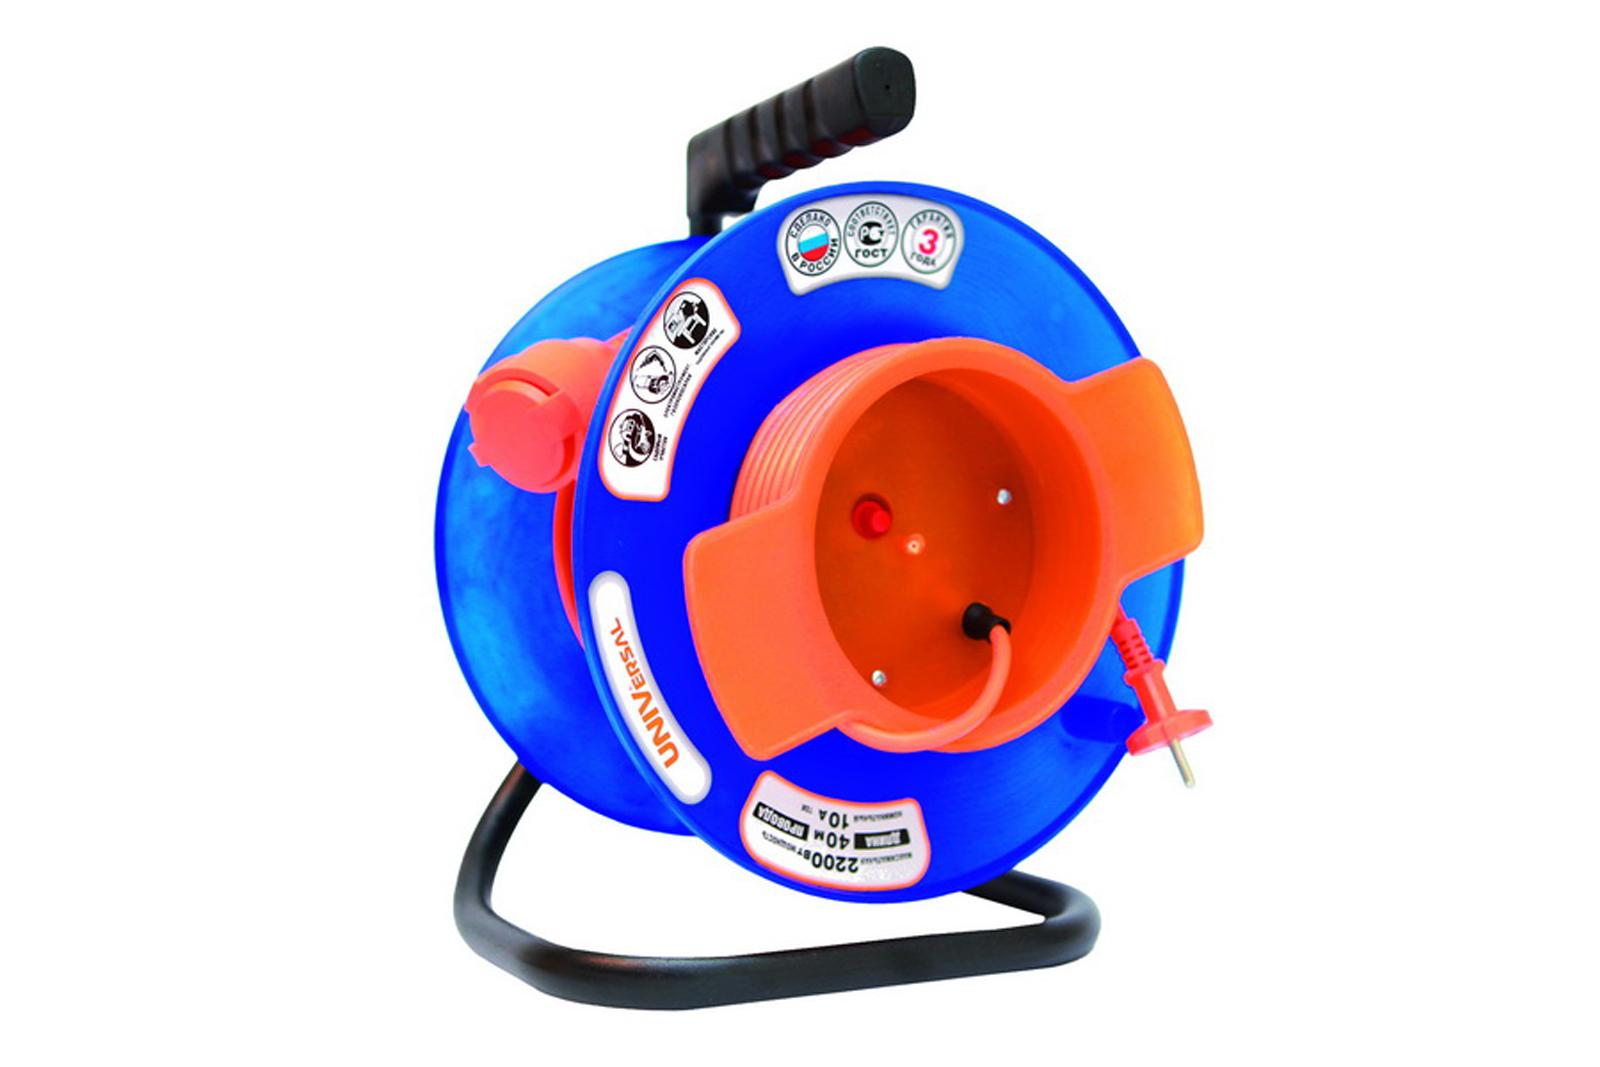 Удлинитель Universal У10-028 термо ПВС 2*0,75 1гнездо 30м цена